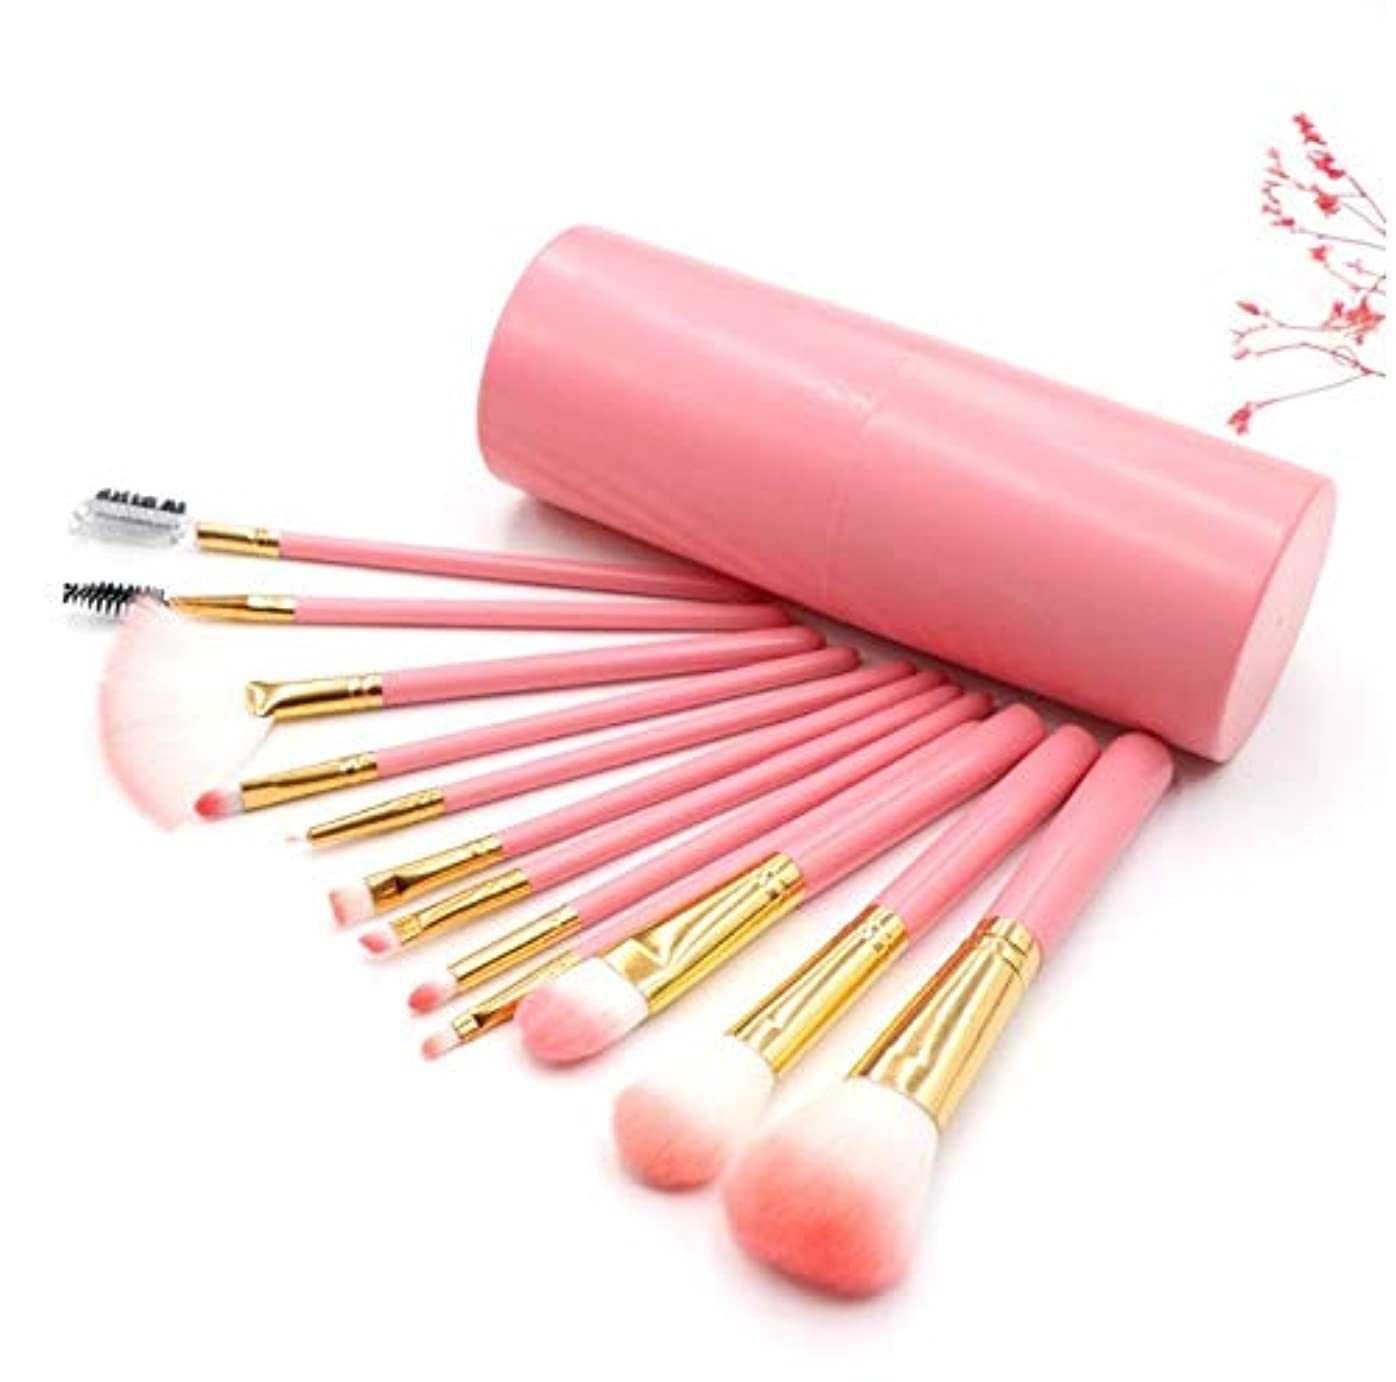 フィッティング計算可能ジョリー化粧ブラシセット、ピンク12化粧ブラシバケツブラシセットアイシャドウブラシリップブラシ美容化粧道具